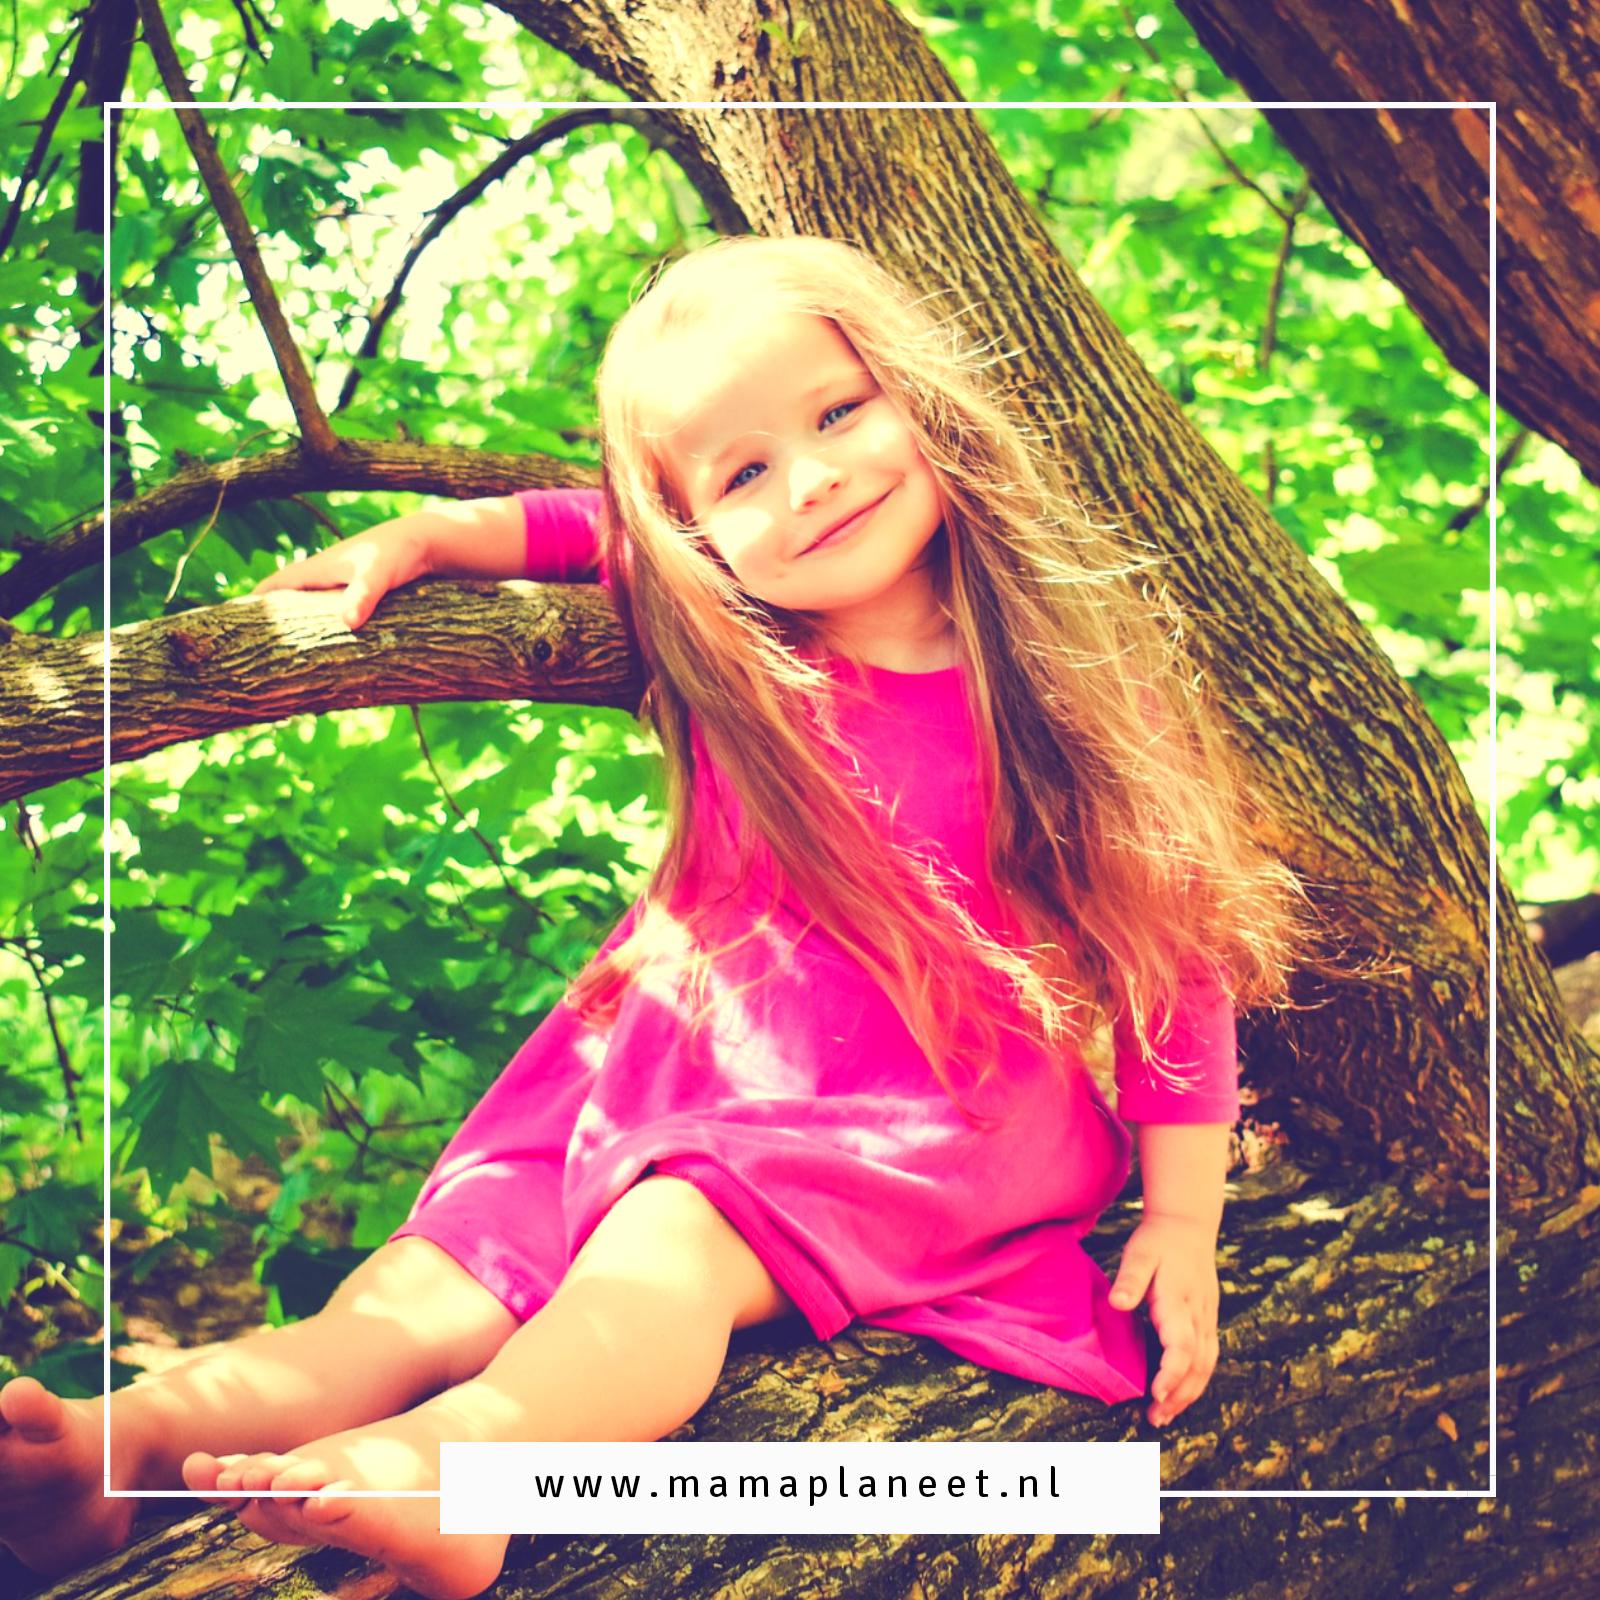 blonde peuter met lang haar en roze jurkje zit in de boom